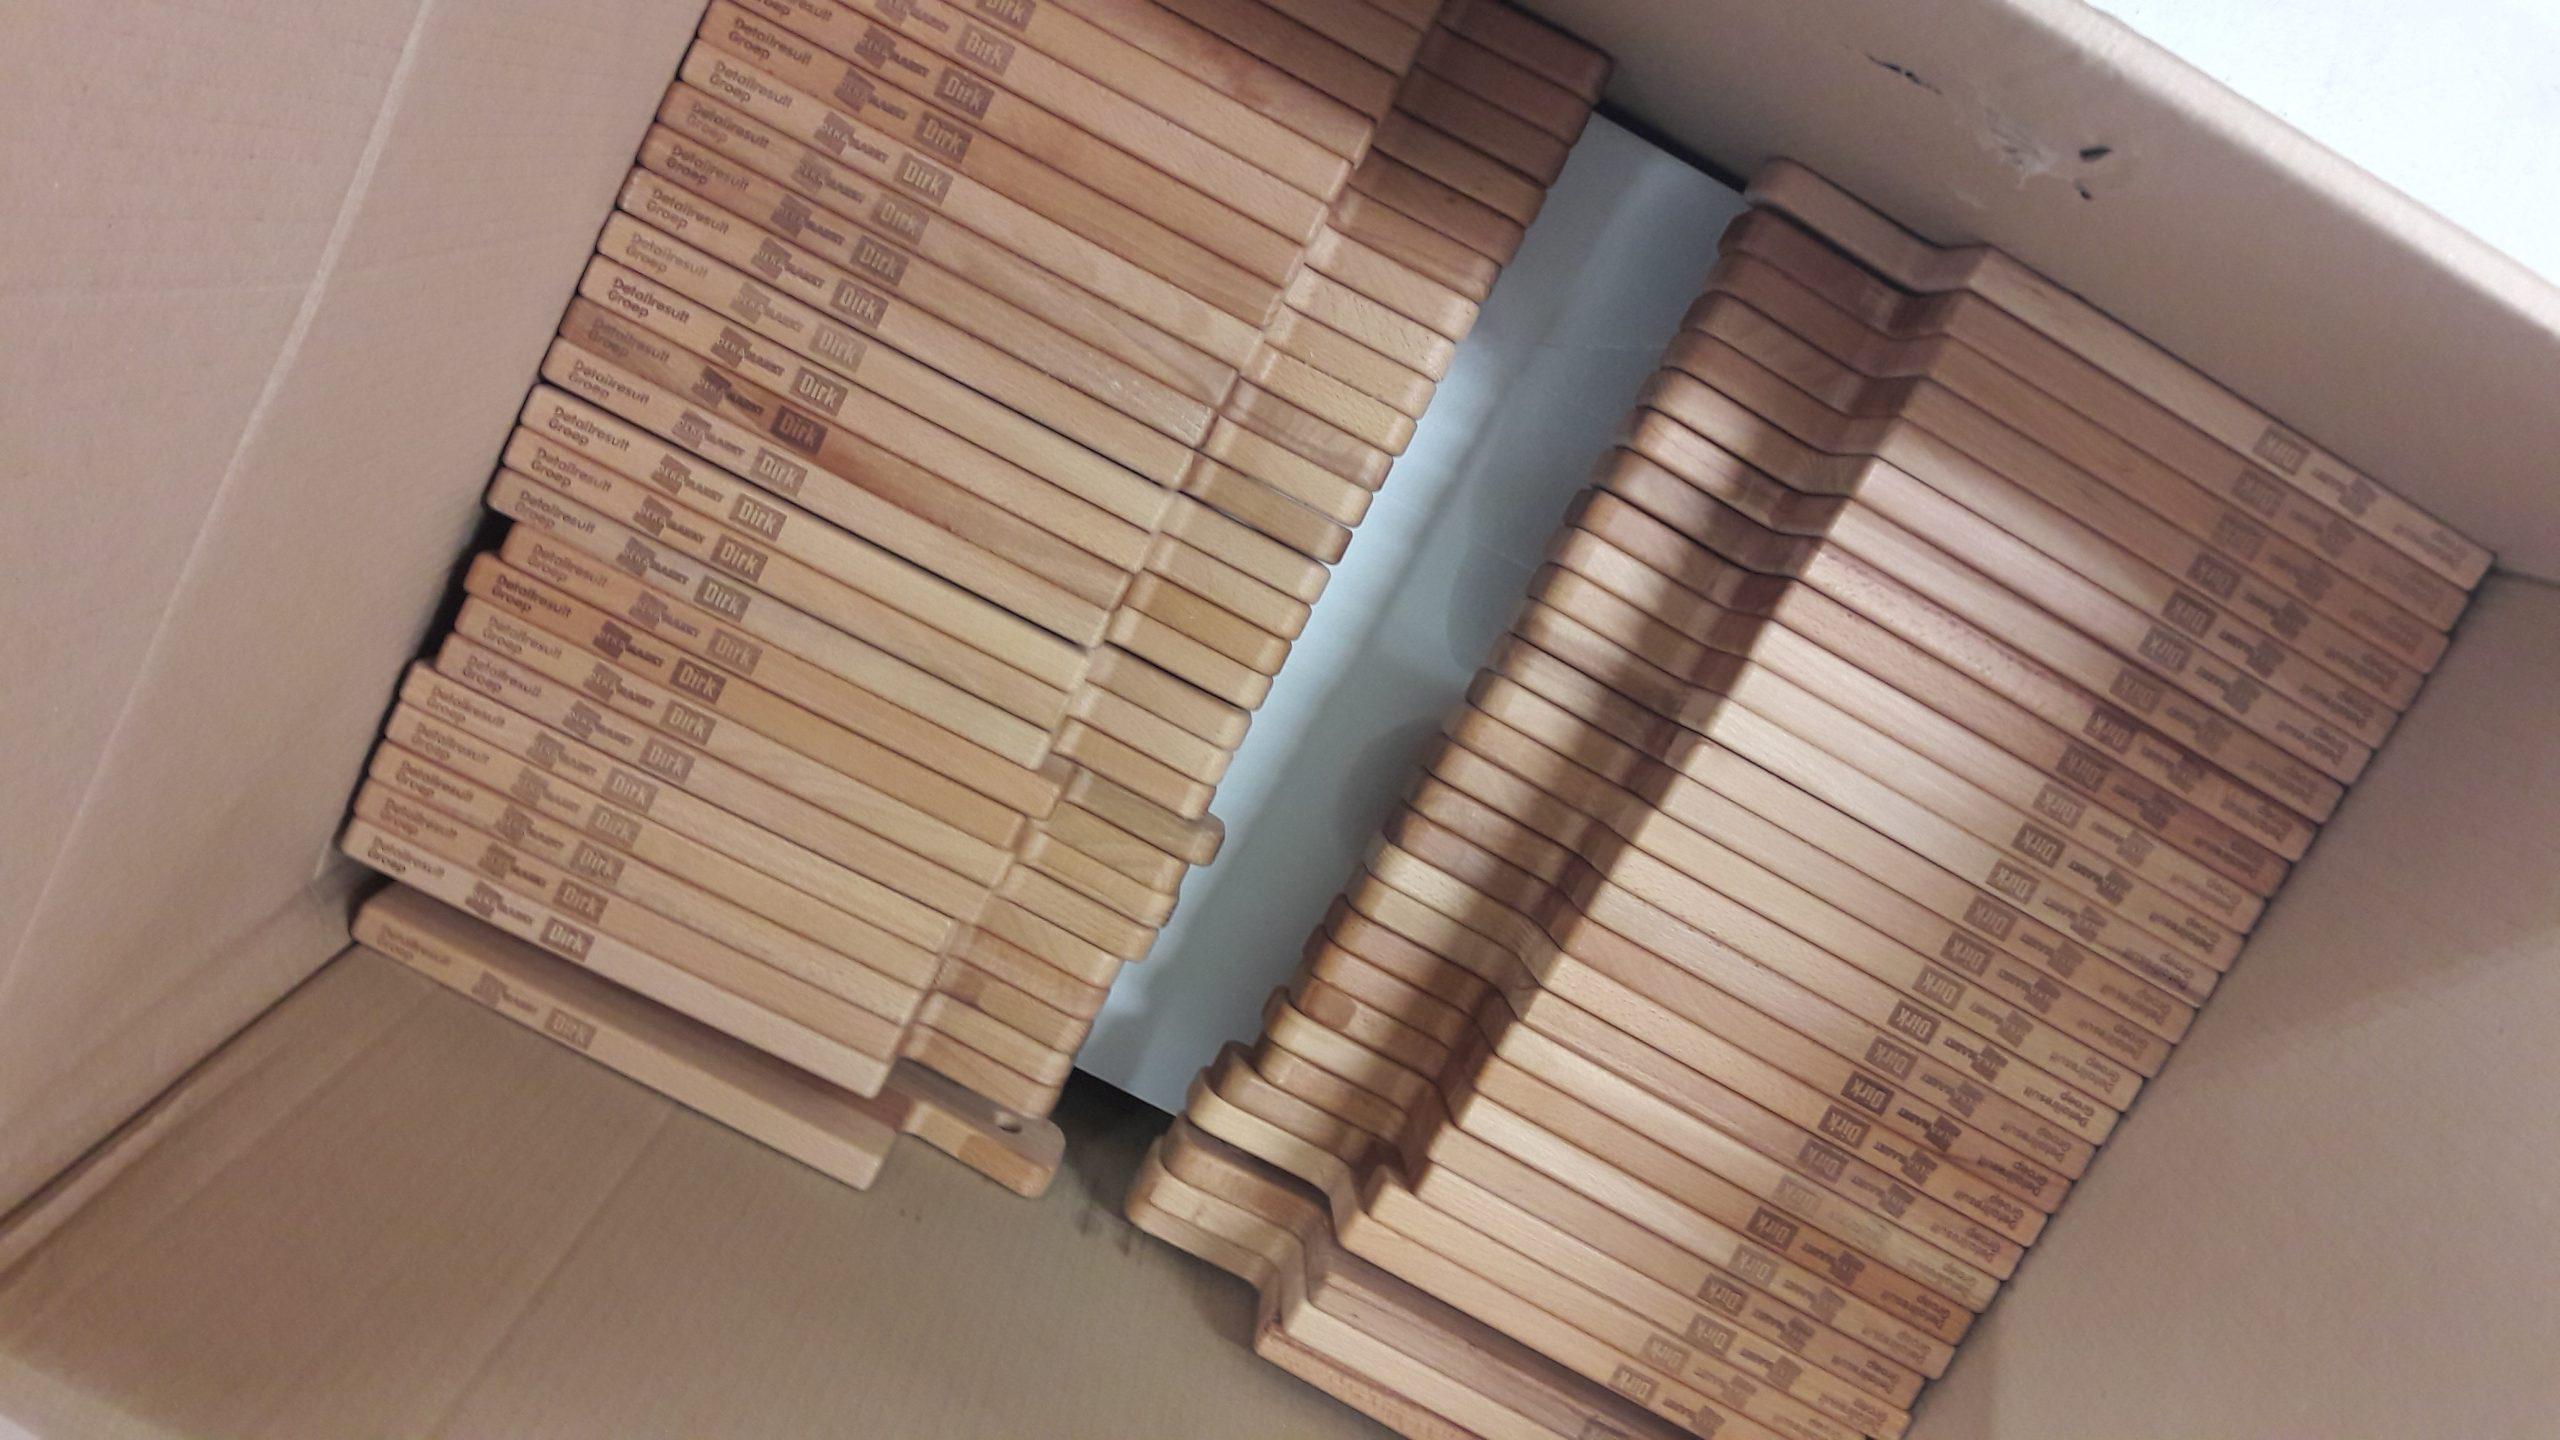 Serveerplanken grote aantallen hout Laserbeest relatiegeschenk